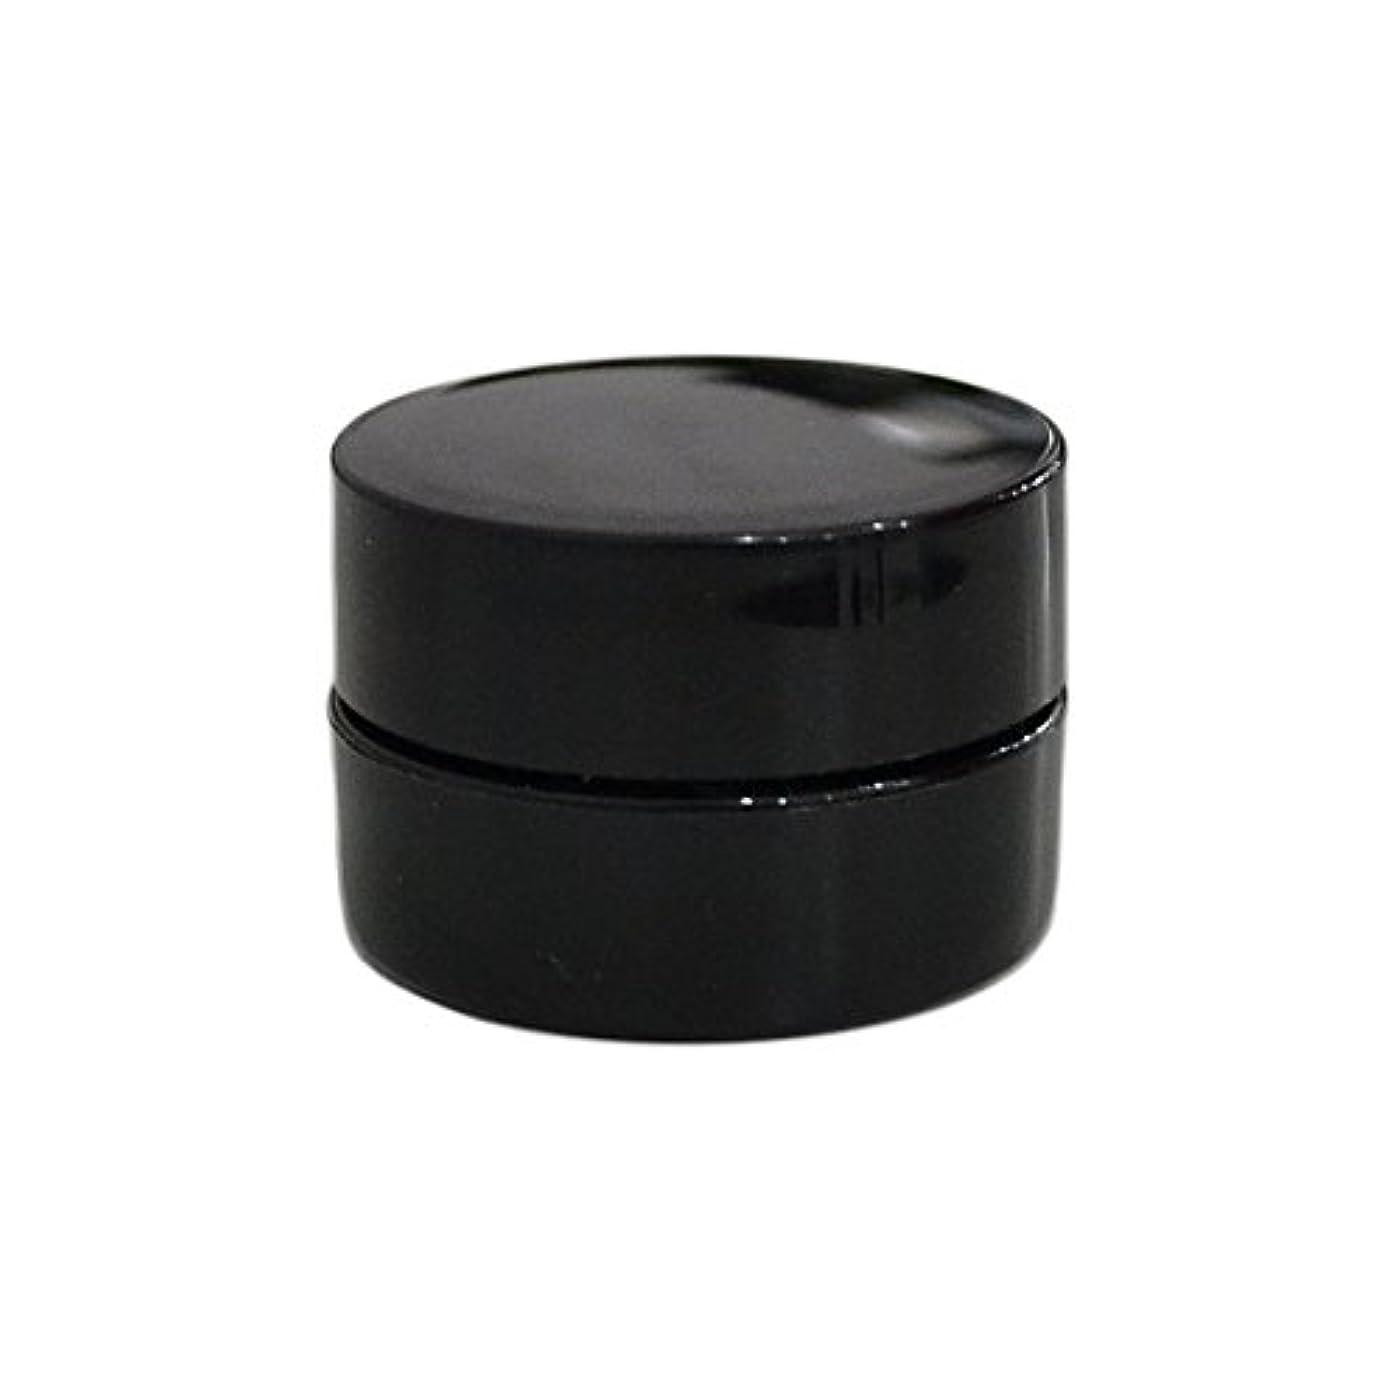 変更可能遺伝的レプリカ純国産ネイルジェルコンテナ 3g用 GA3g 漏れ防止パッキン&ブラシプレート付容器 ジェルを無駄なく使える底面傾斜あり 遮光 黒 ブラック